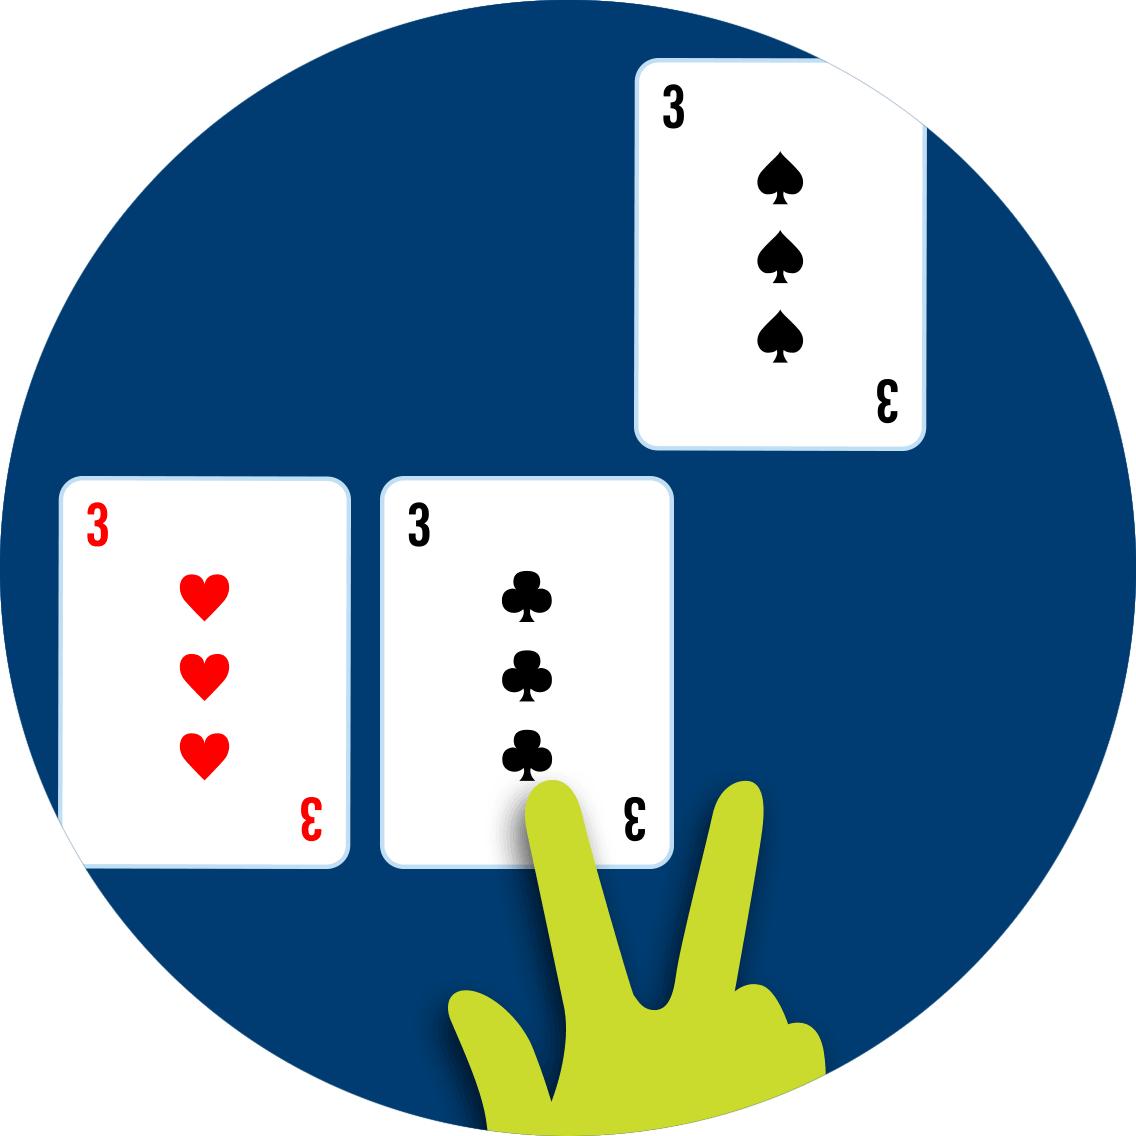 黑桃3從已經分成兩手牌的紅心3和梅花3分拆開來。